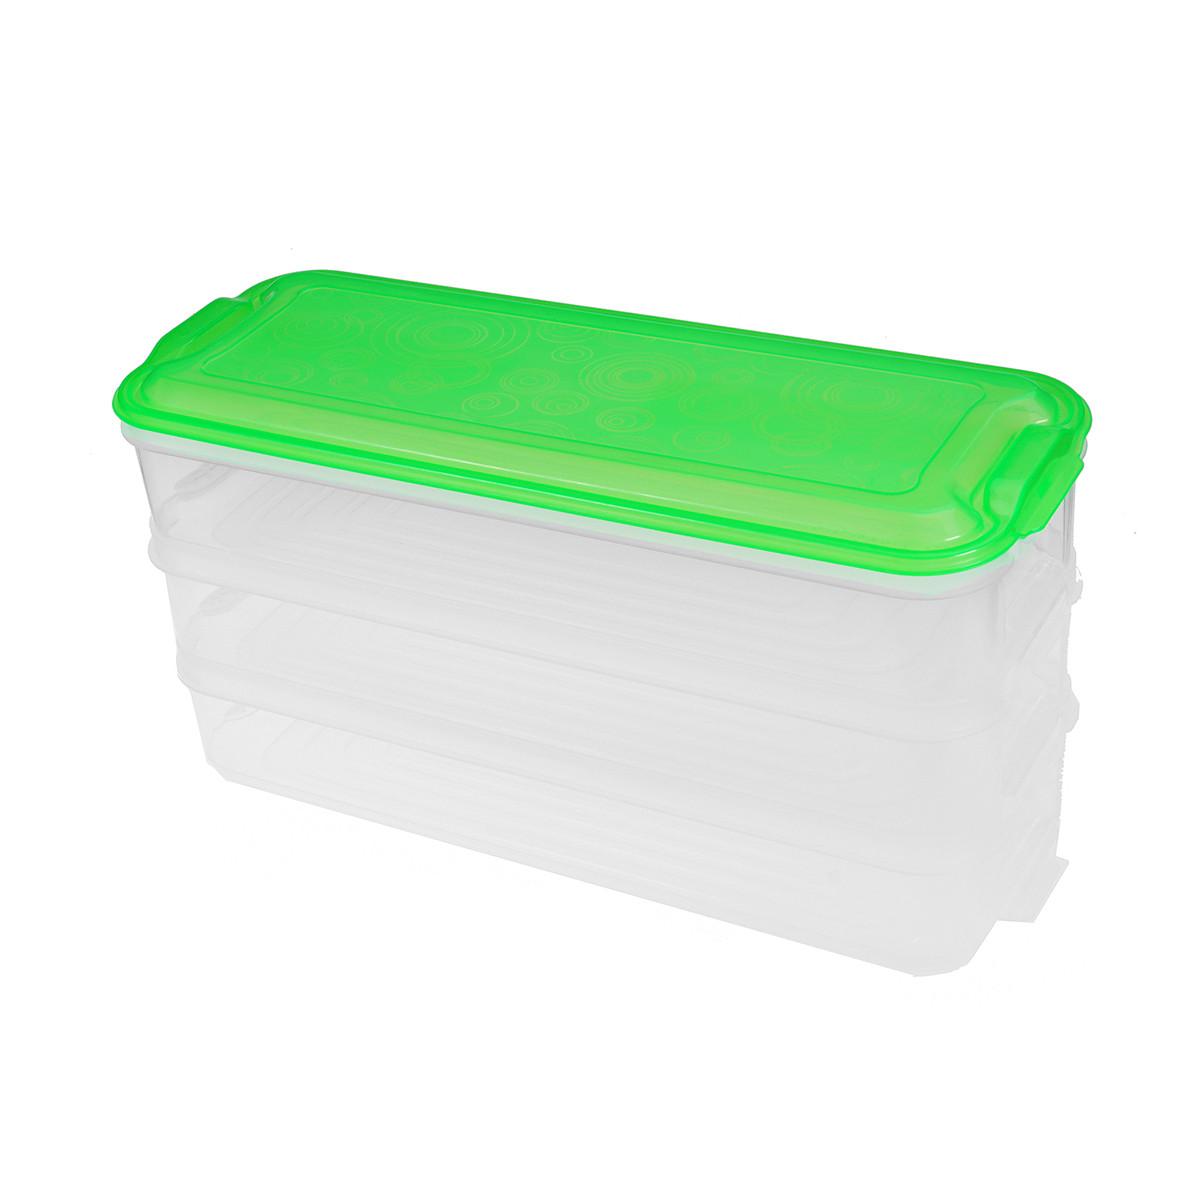 Пластиковий контейнер для зберігання продуктів 3 яруси